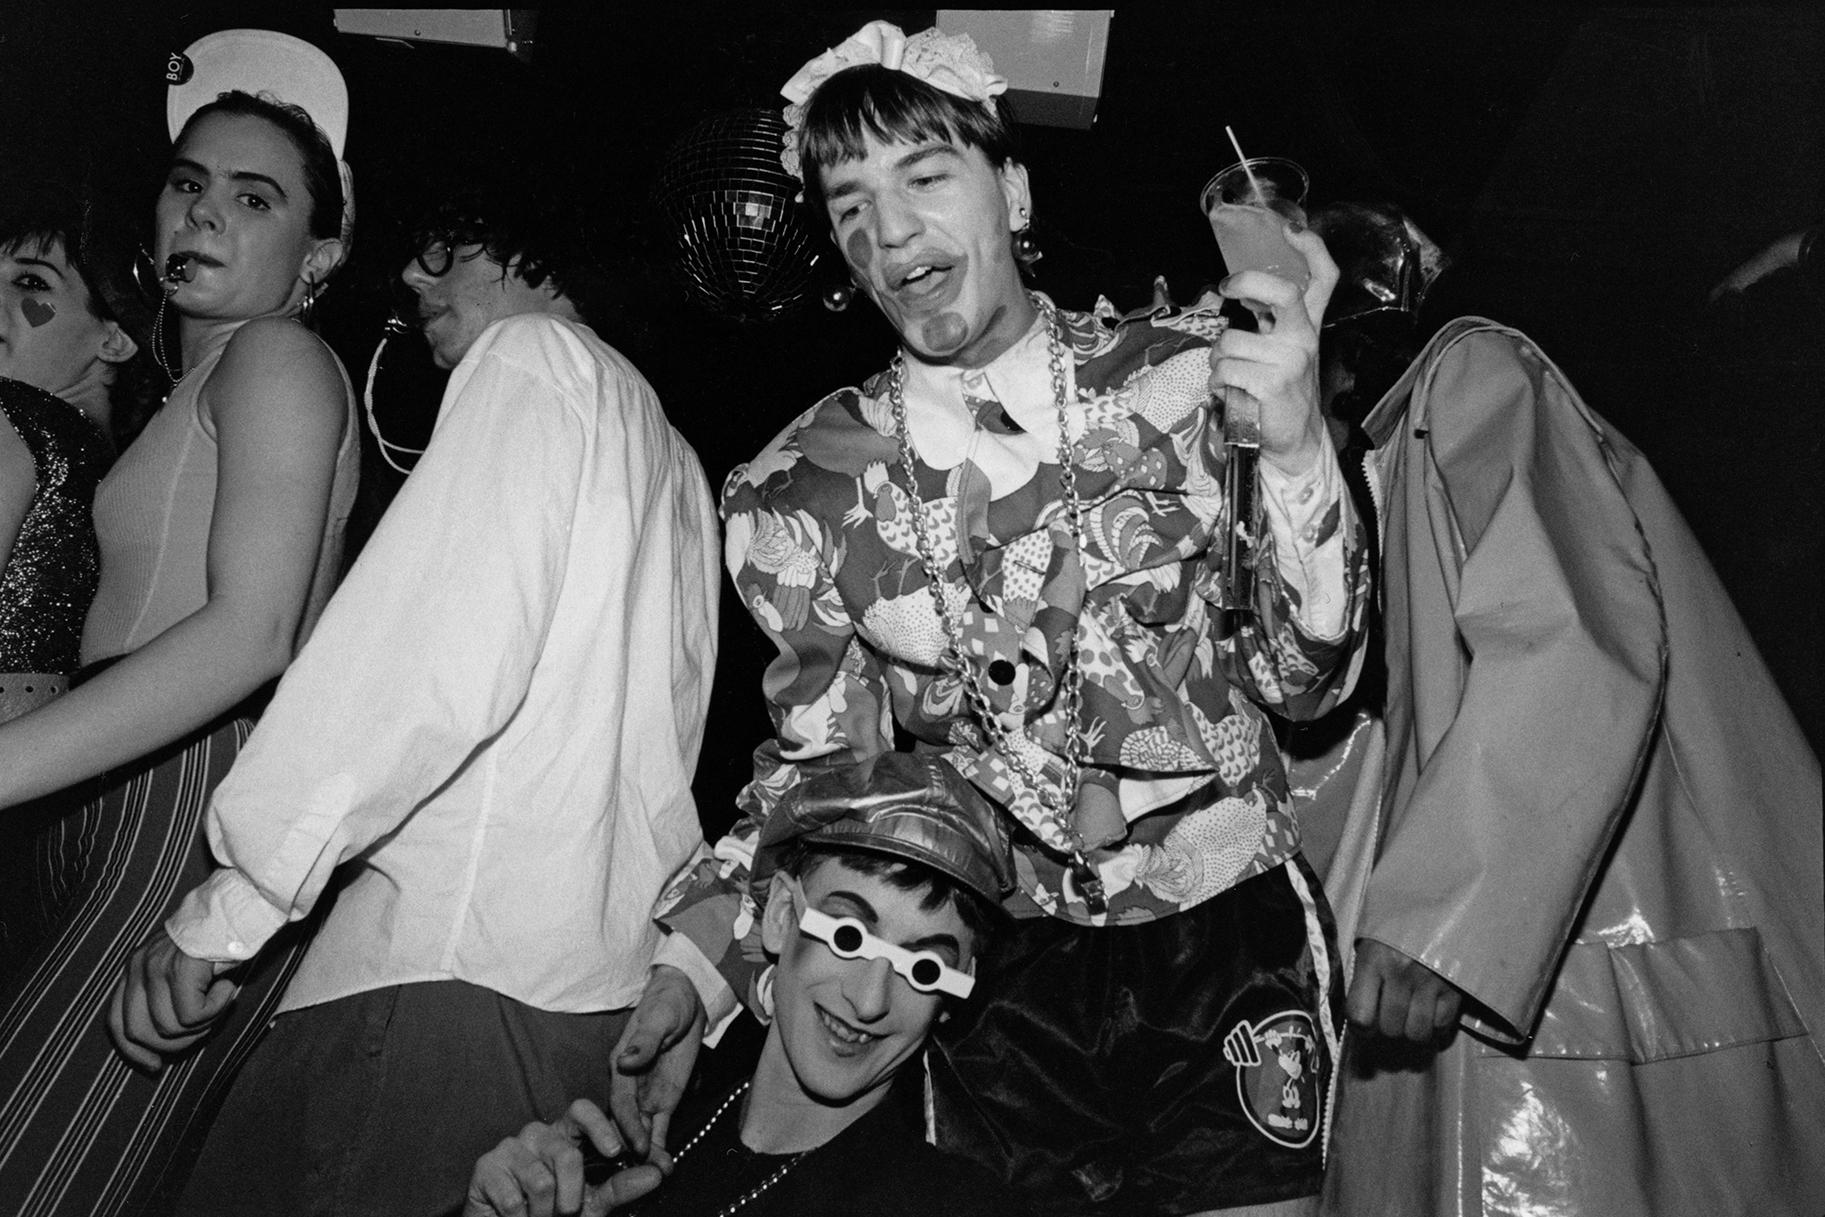 Hallan muerto al 'Party Monster' de Nueva York por sobredosis accidental de heroína el día de Navidad